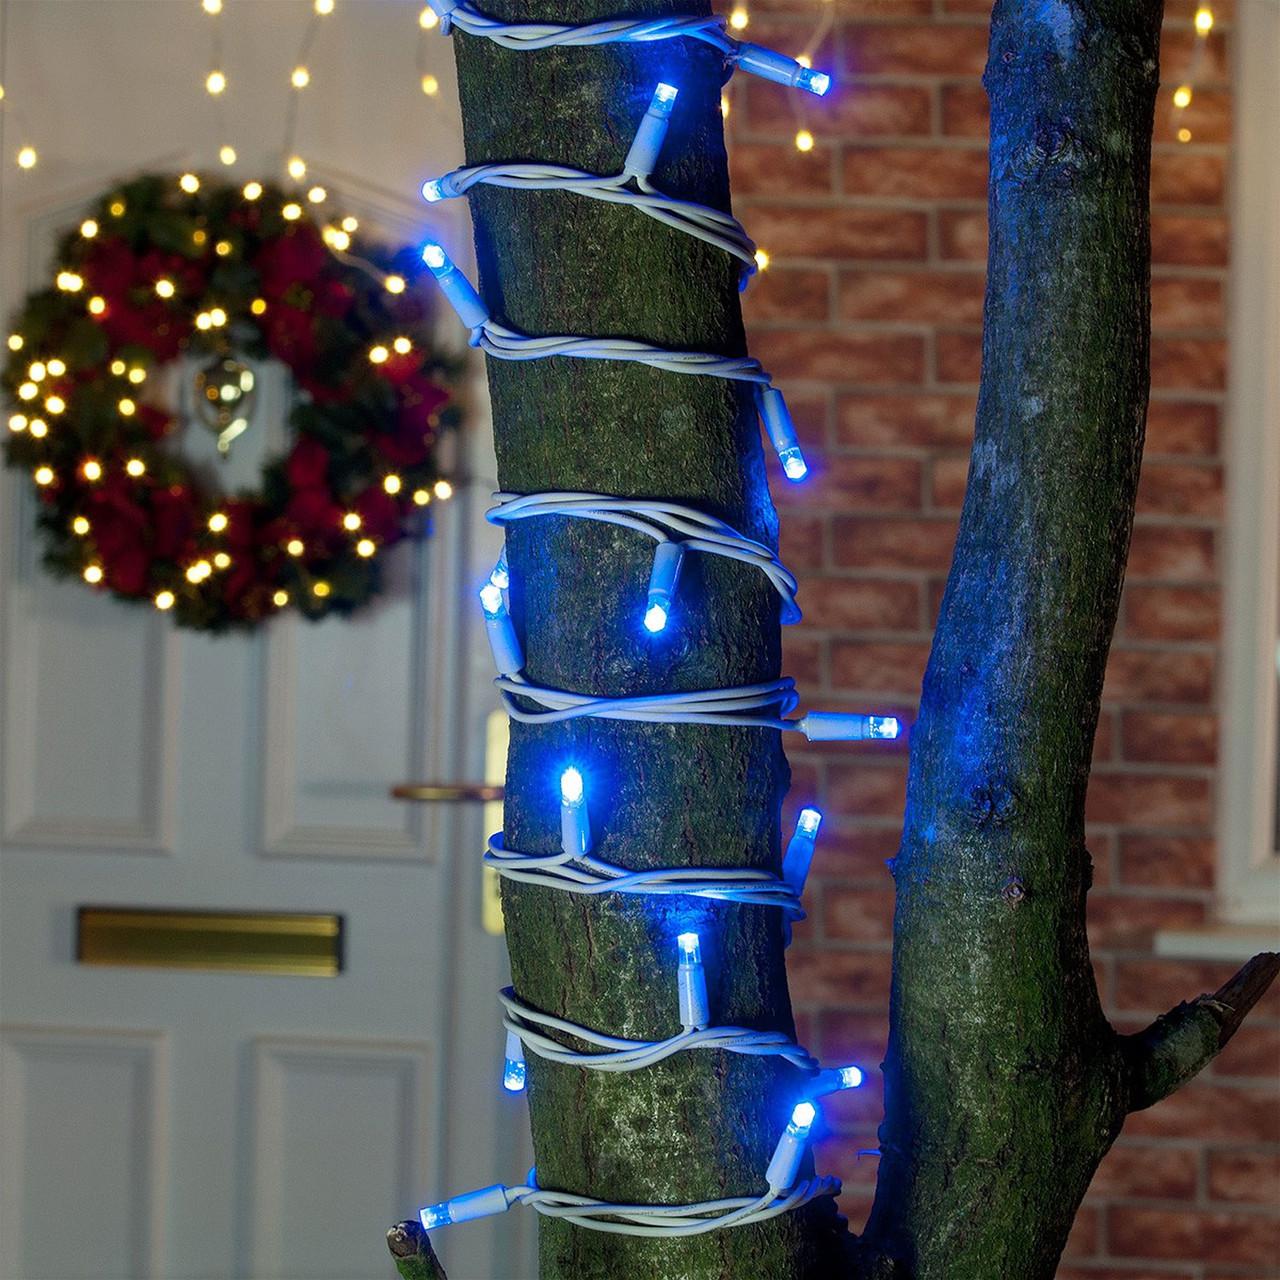 Уличная Гирлянда светодиодная нить, 10 м, 100 led белый каучуковый провод - цвет синий мерцающий